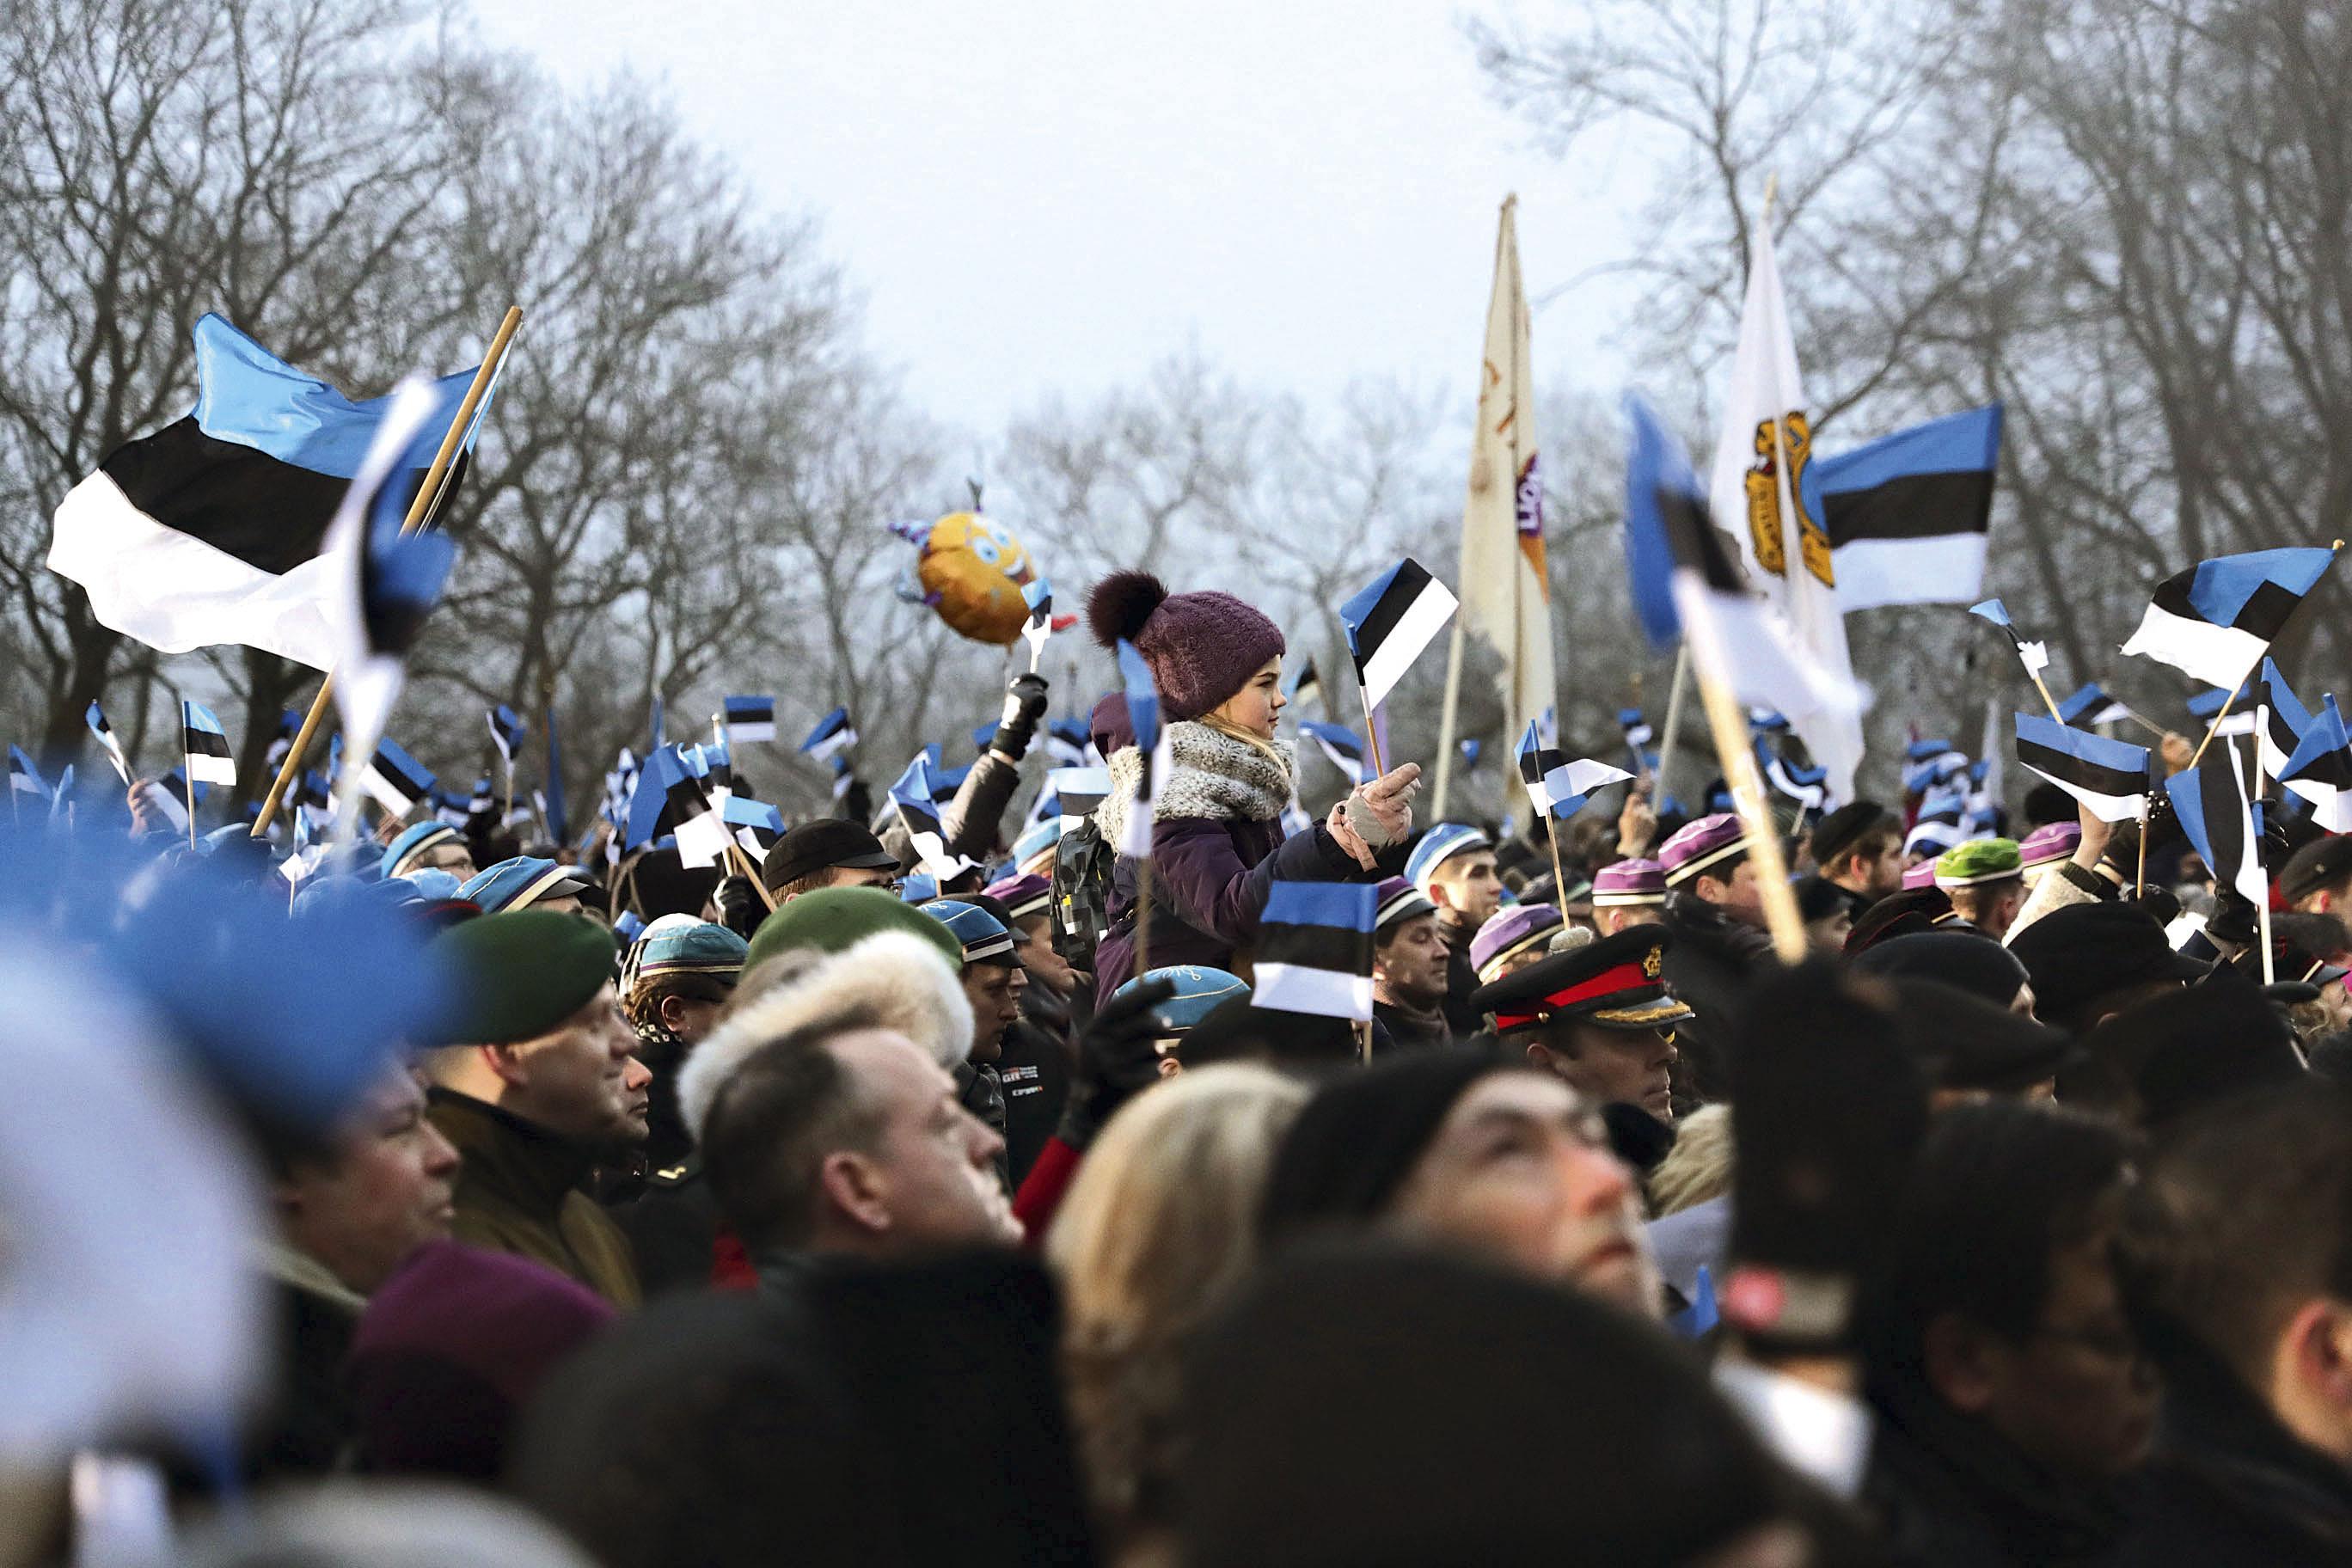 Rahvas Pika Hermanni jalamil. Foto: ERR kuvatõmmis